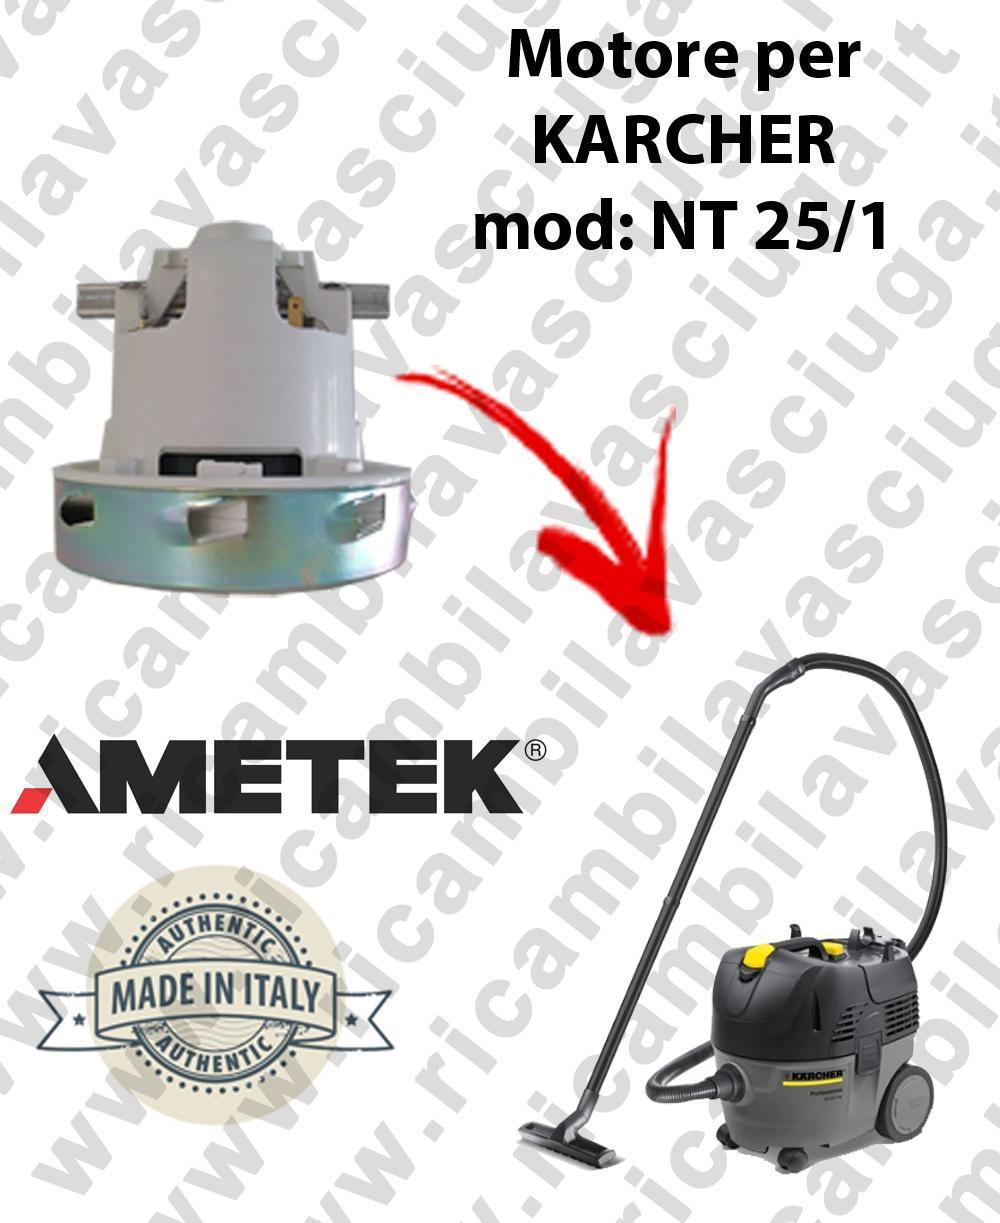 NT 25/1 Saugmotor AMETEK für Staubsauger KARCHER